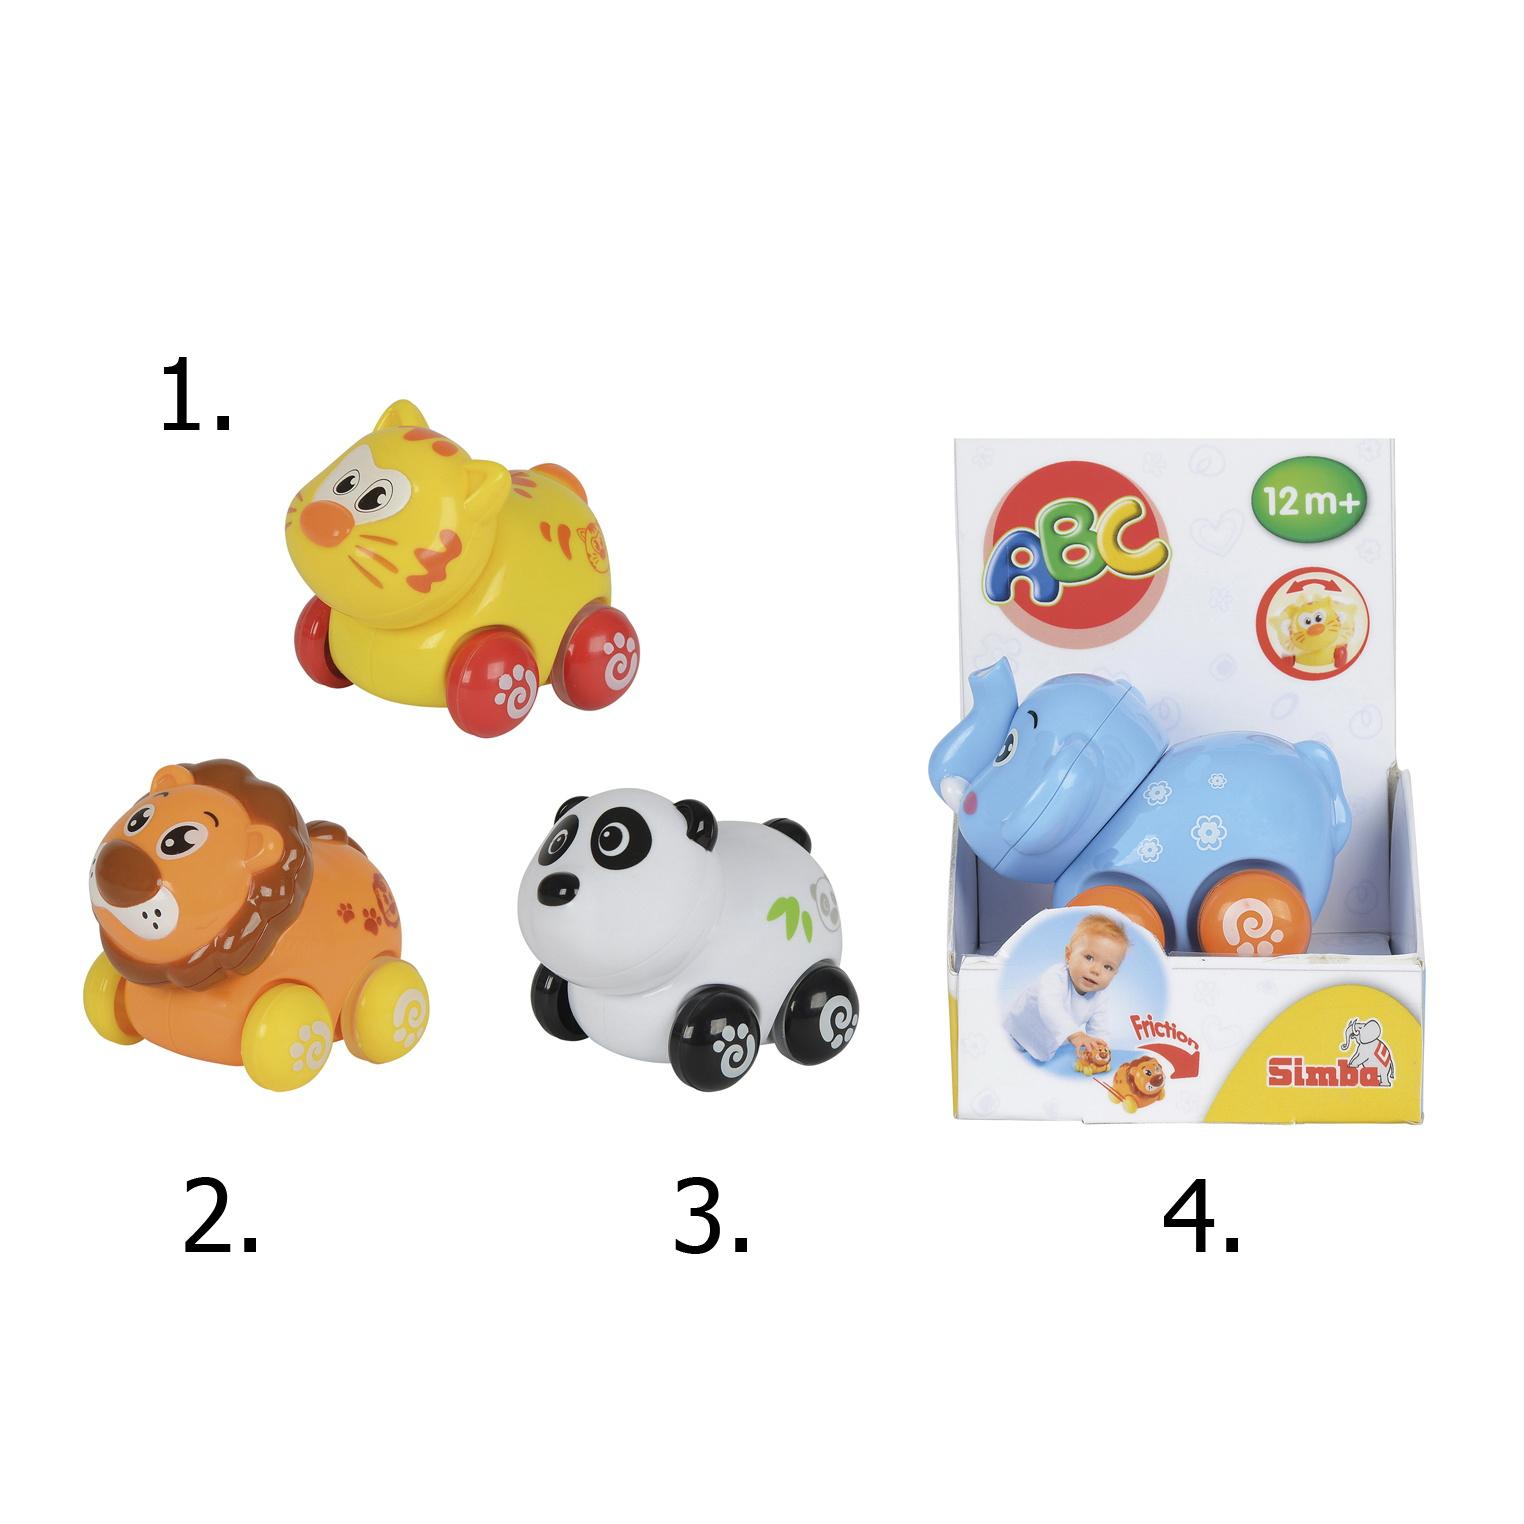 Игрушка с фрикционным механизмом - Животные на колесиках, 8 см., 4 видаРазвивающие игрушки Simba Baby<br>Игрушка с фрикционным механизмом - Животные на колесиках, 8 см., 4 вида<br>